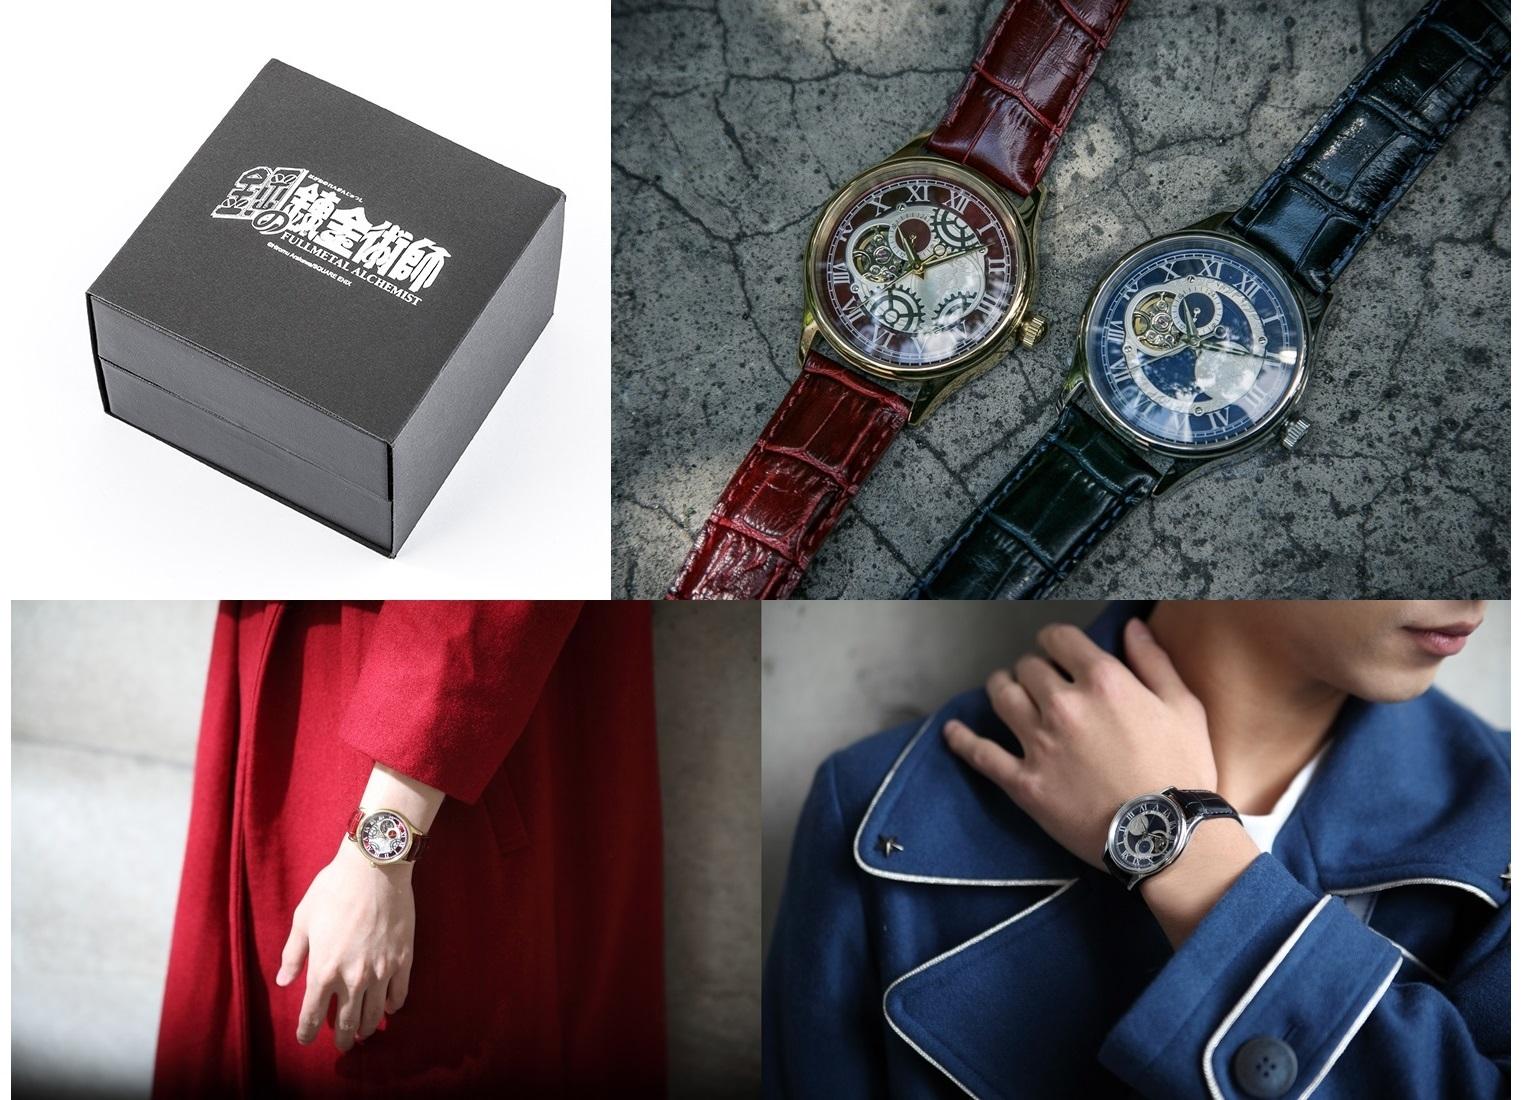 『ハガレン』よりエド、ロイをイメージした機械式腕時計が登場